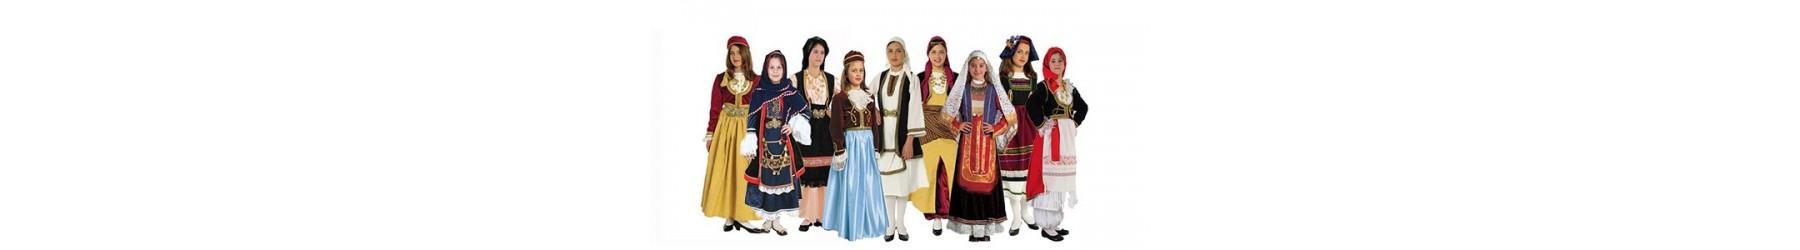 Παραδοσιακές στολές για κορίτσι. Αμαλία και τοπικές φορεσιές